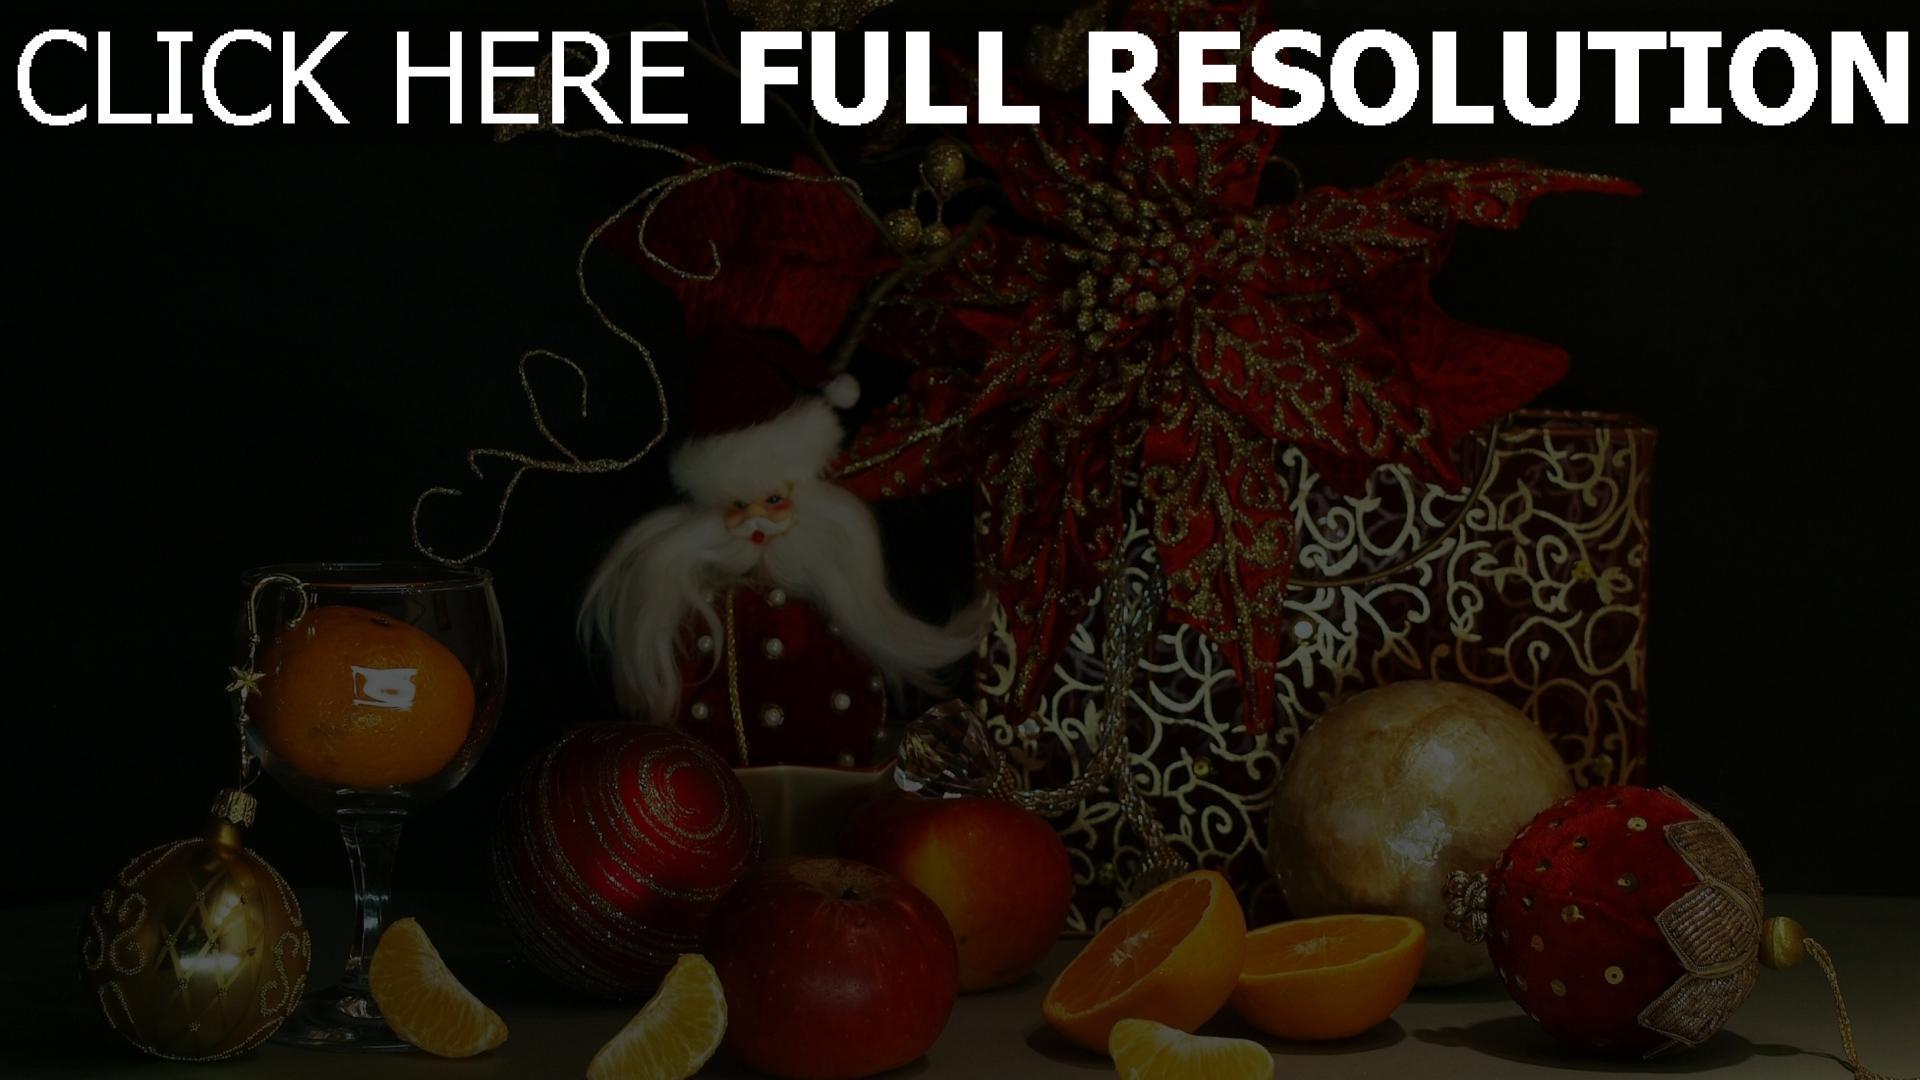 hd hintergrundbilder feiertag geschenk weihnachten neujahr. Black Bedroom Furniture Sets. Home Design Ideas